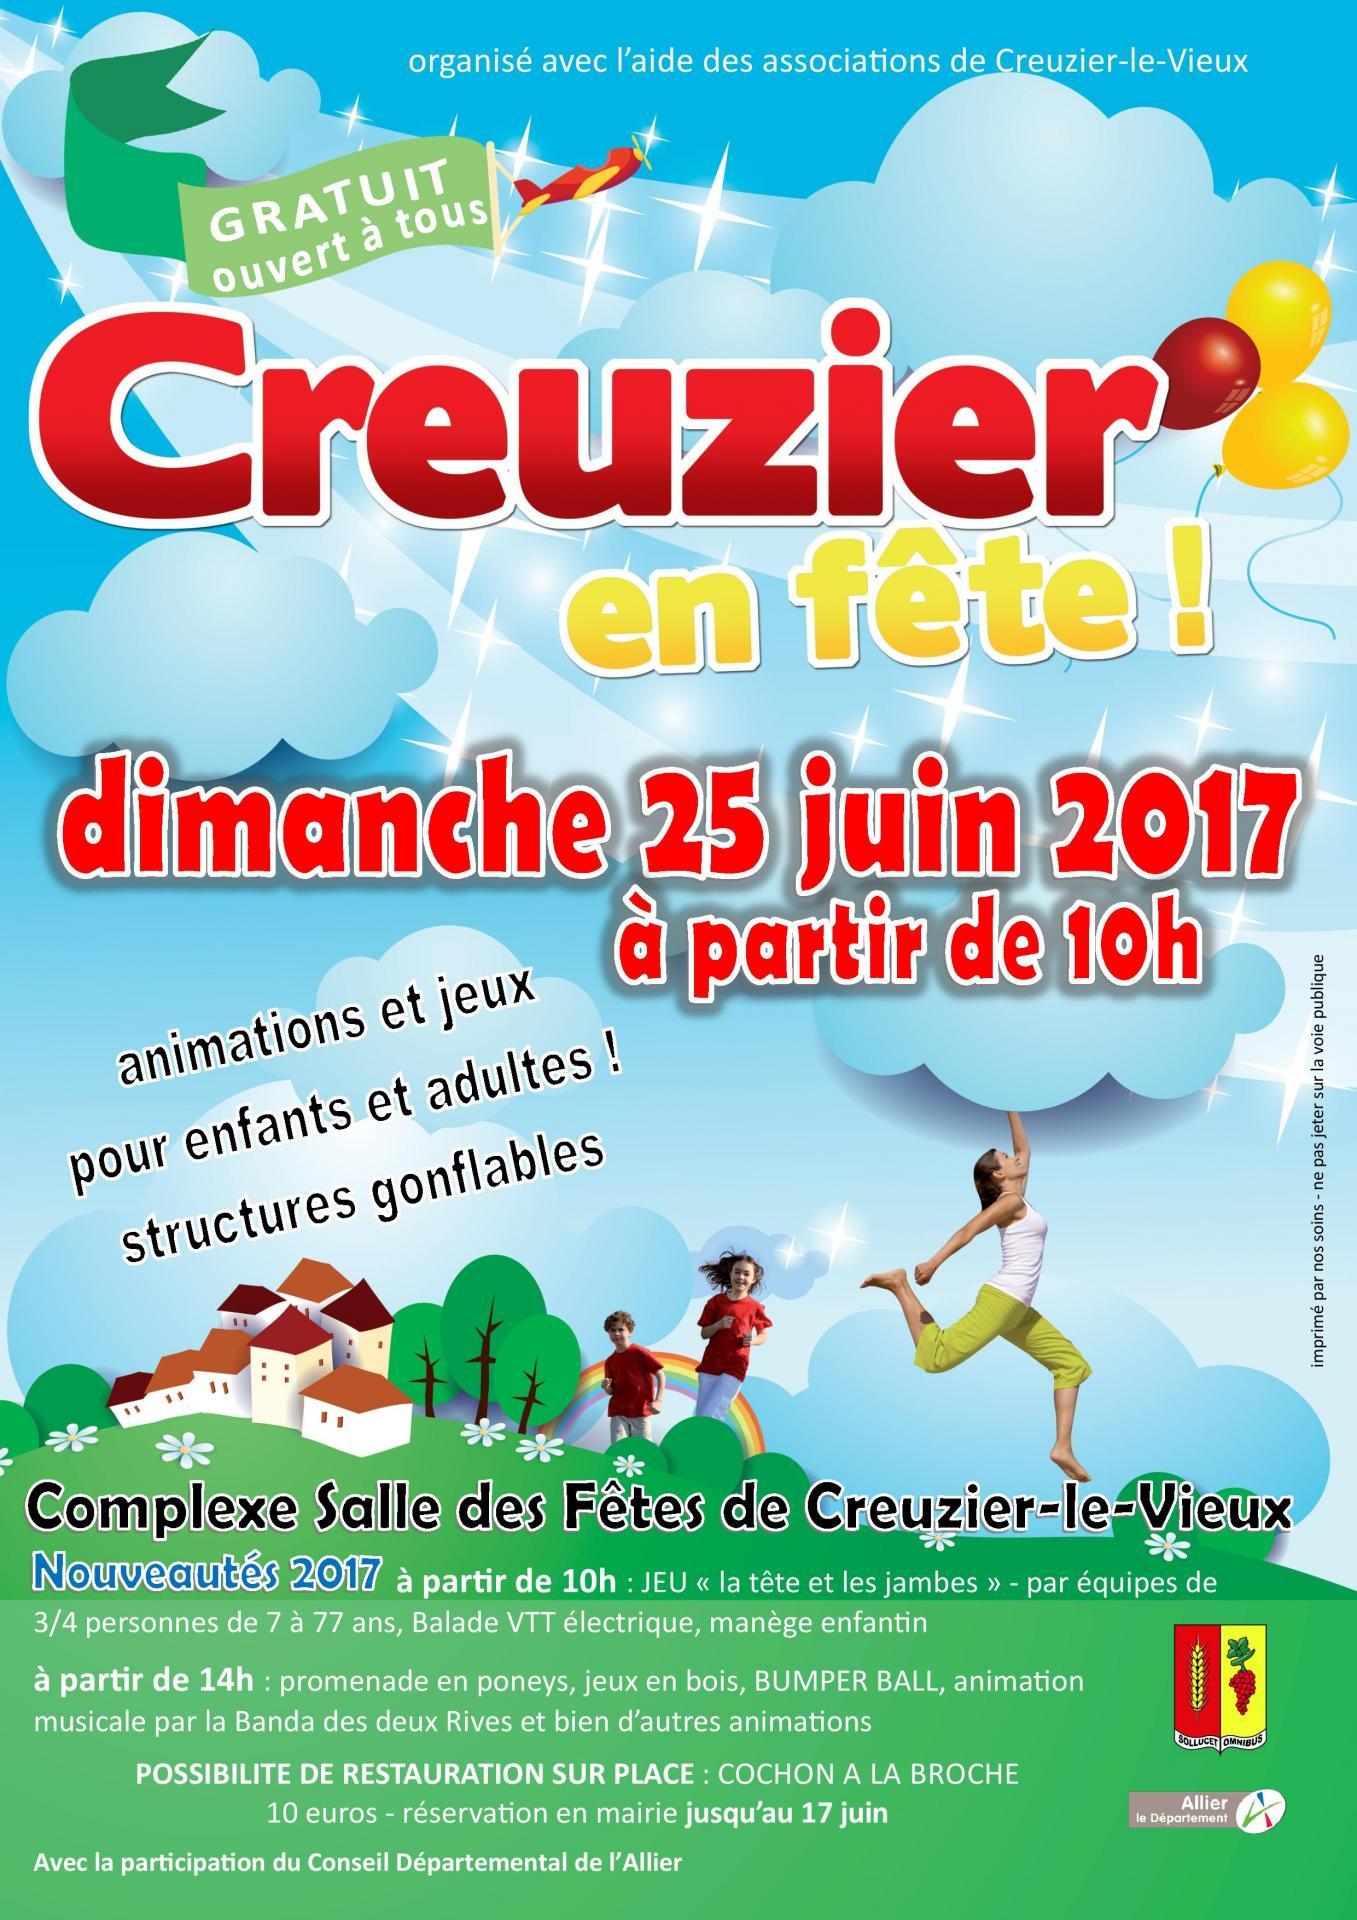 Creuzier en fete 25 juin 2017